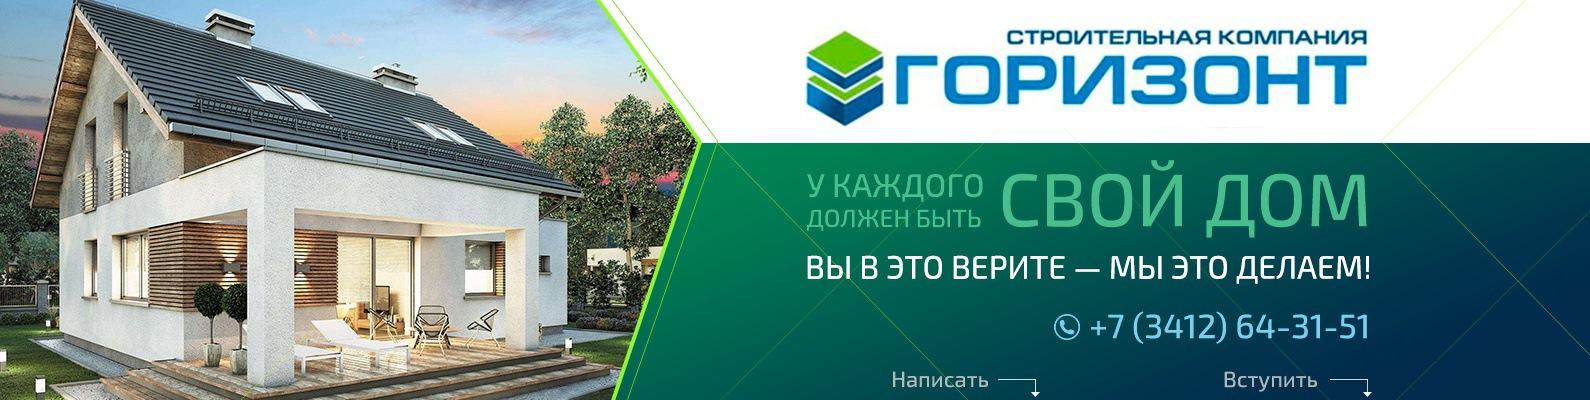 Ооо ст-строй в Ижевске строительная компания петербургская строительная компания ооо продажа квартир в ладожском парке